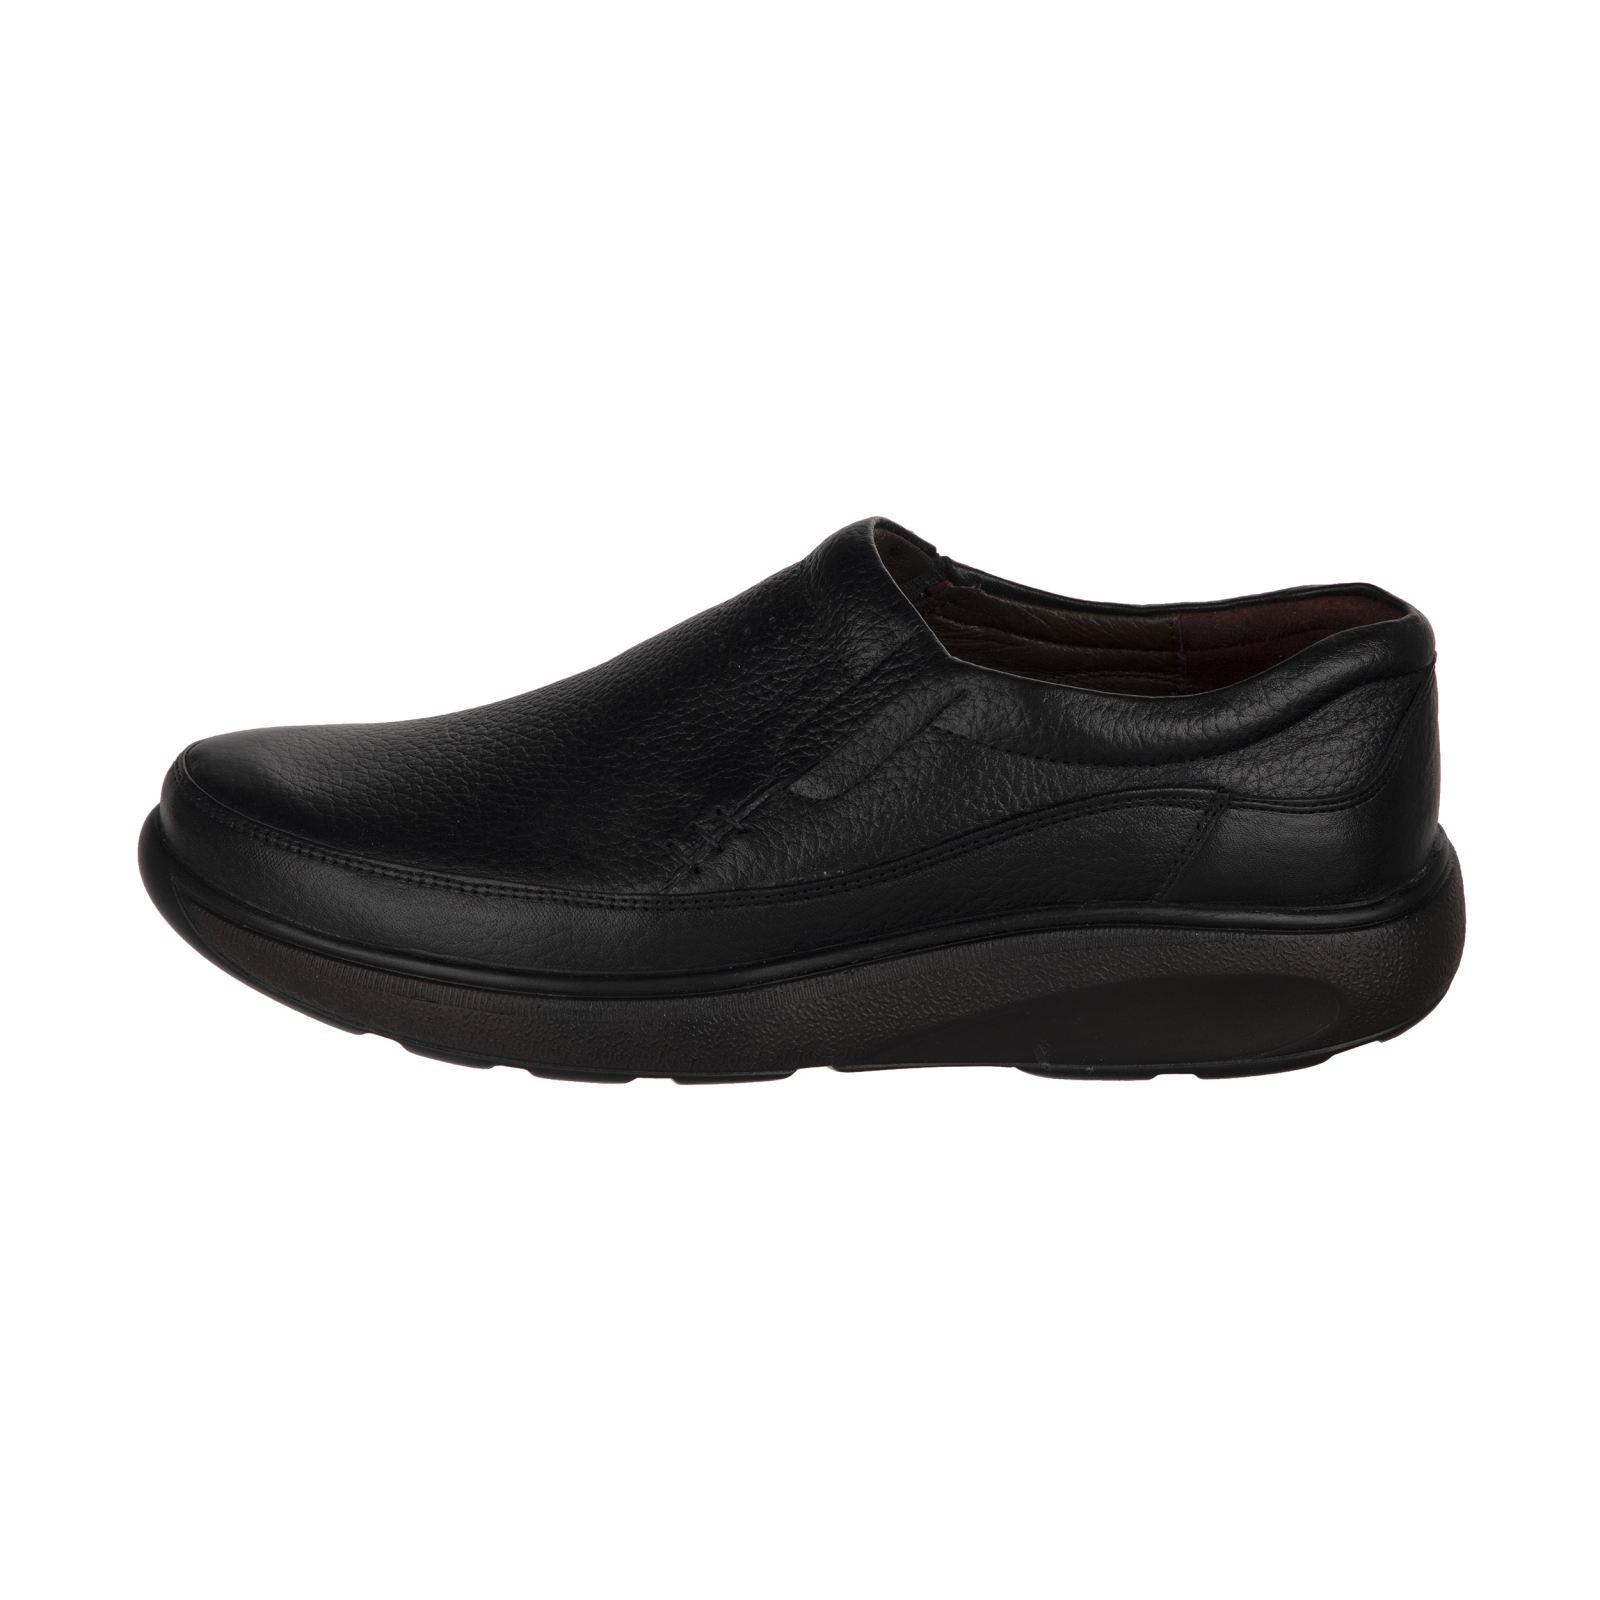 کفش روزمره مردانه سوته مدل 4931D503101 -  - 2